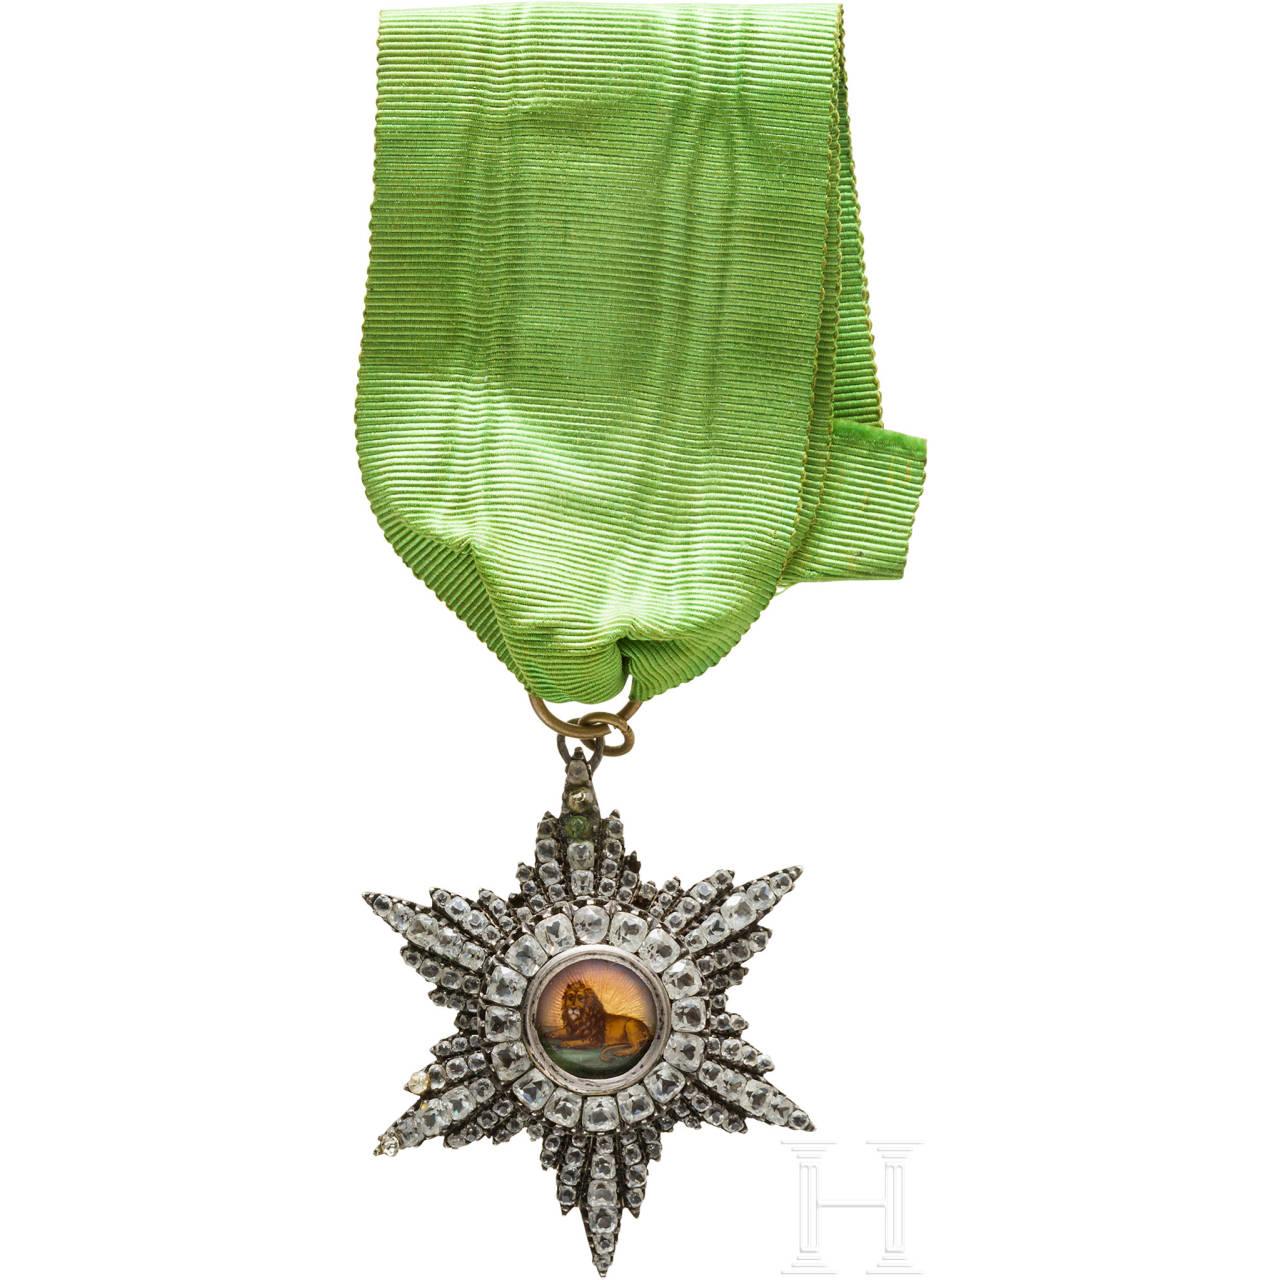 Orden des Löwen und der Sonne, Ordensdekoration der 3. Klasse, um 1900